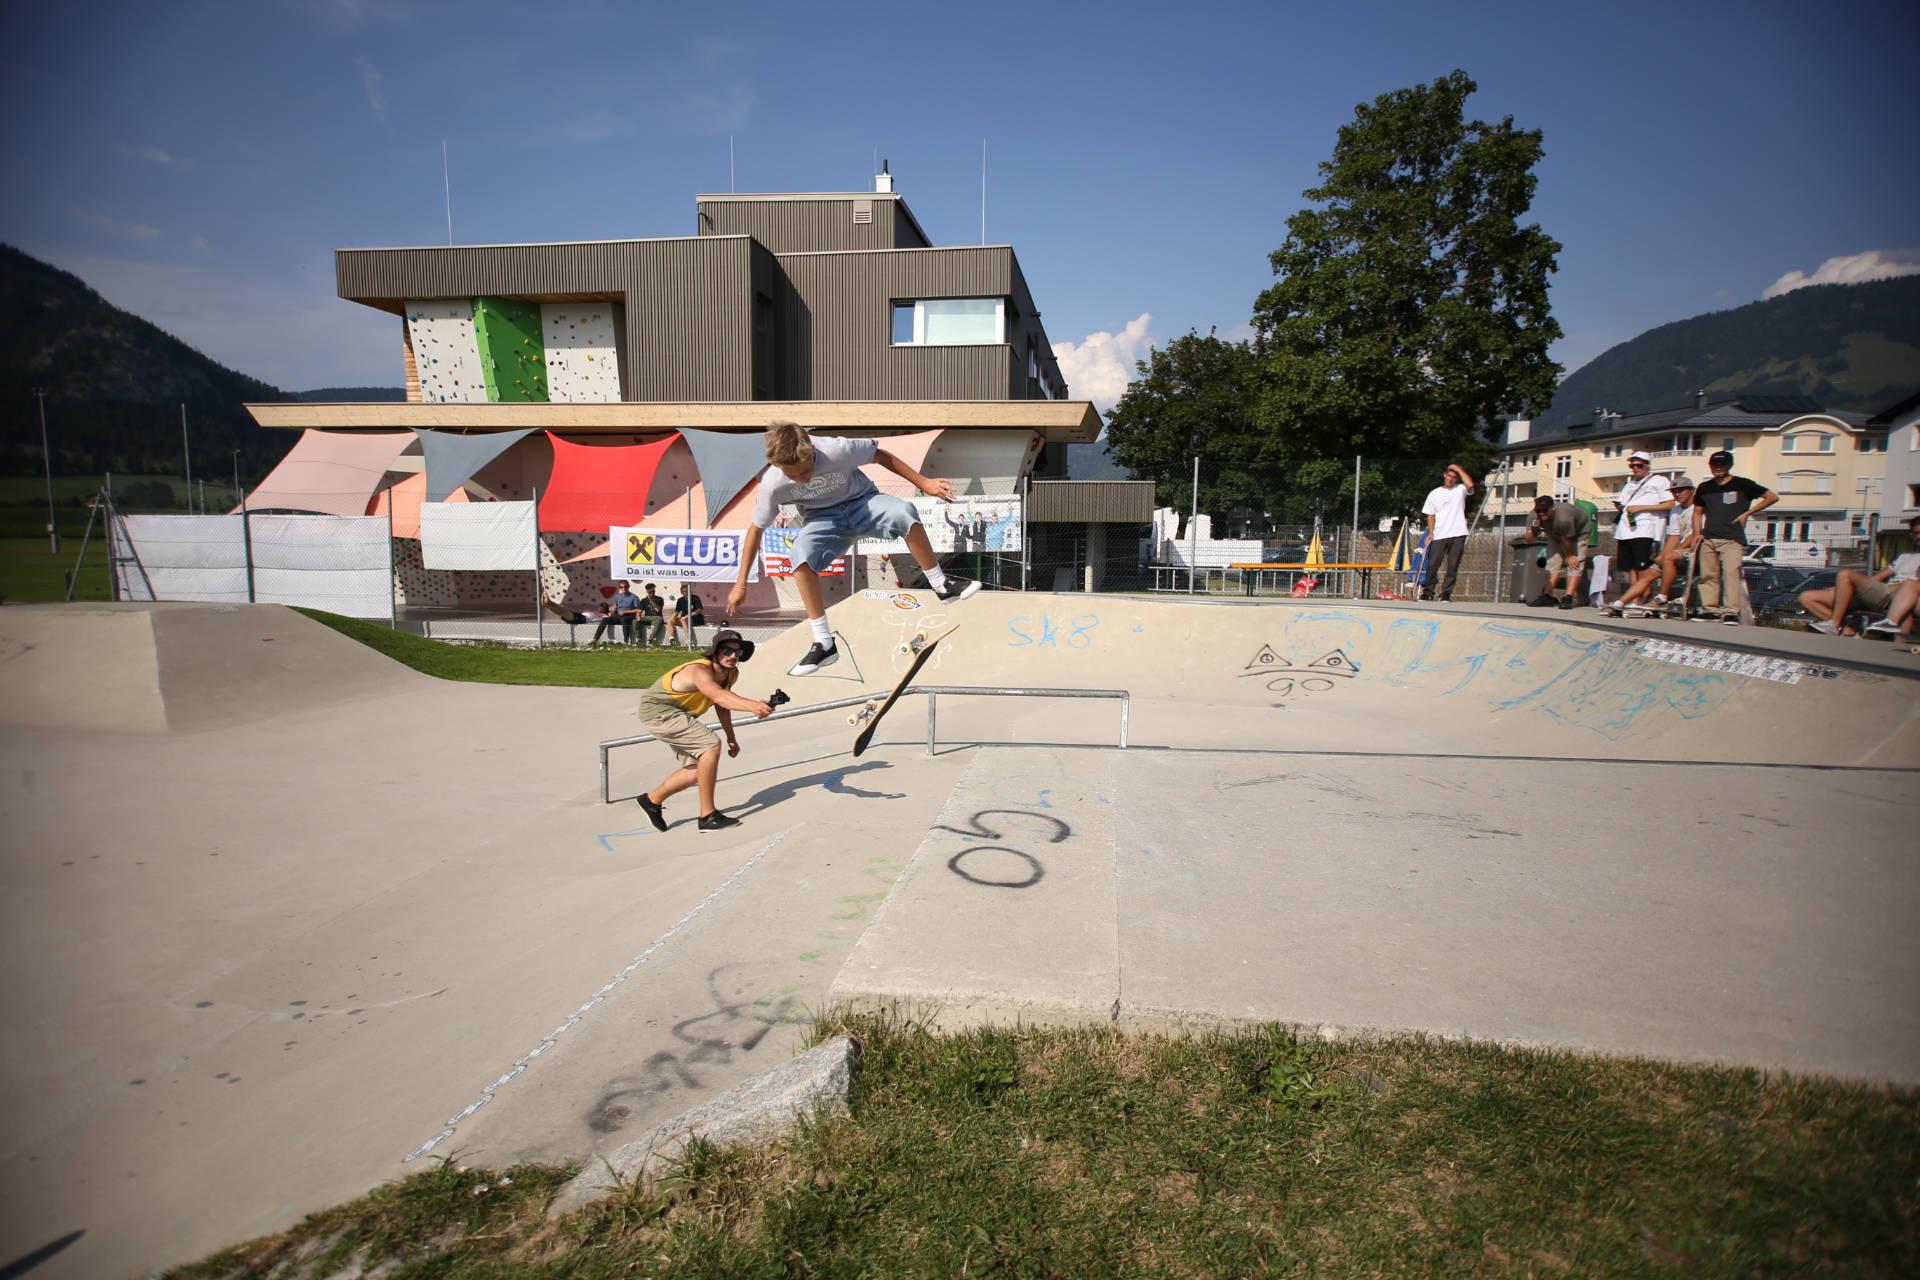 skateboardheadz st johann in tirol kgt 2019 finale 00153